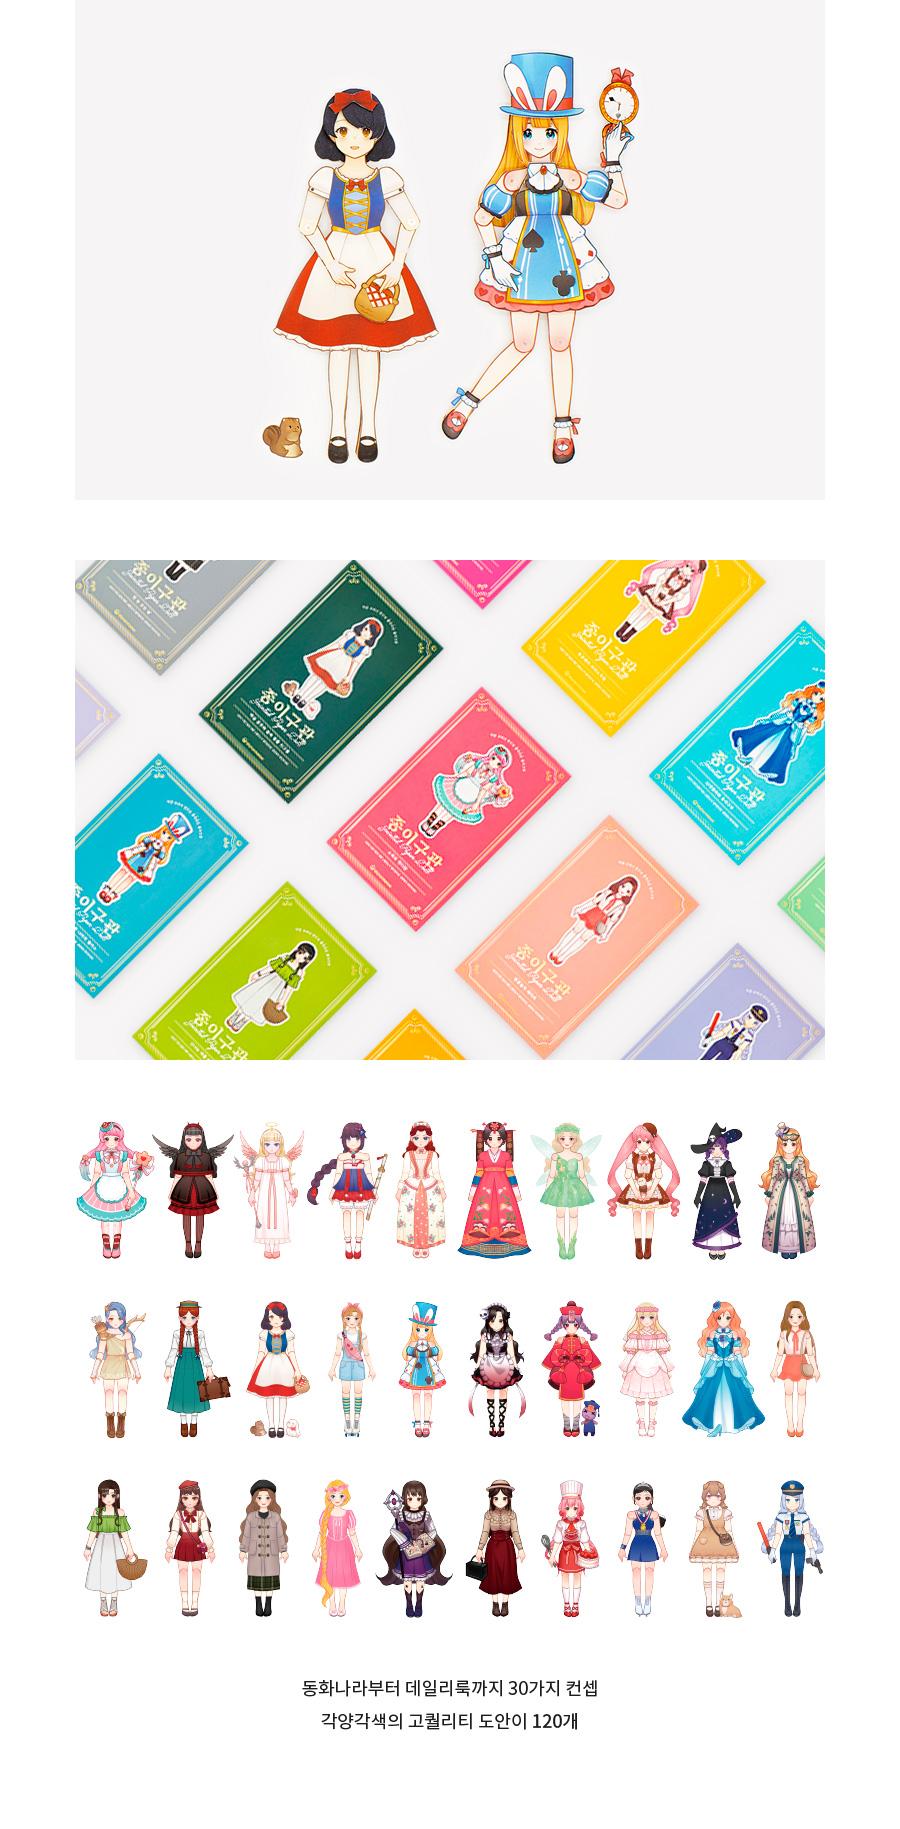 동양마법사 G04 종이구관 종이인형 - 워터멜론, 6,500원, 종이공예/북아트, 종이공예 패키지